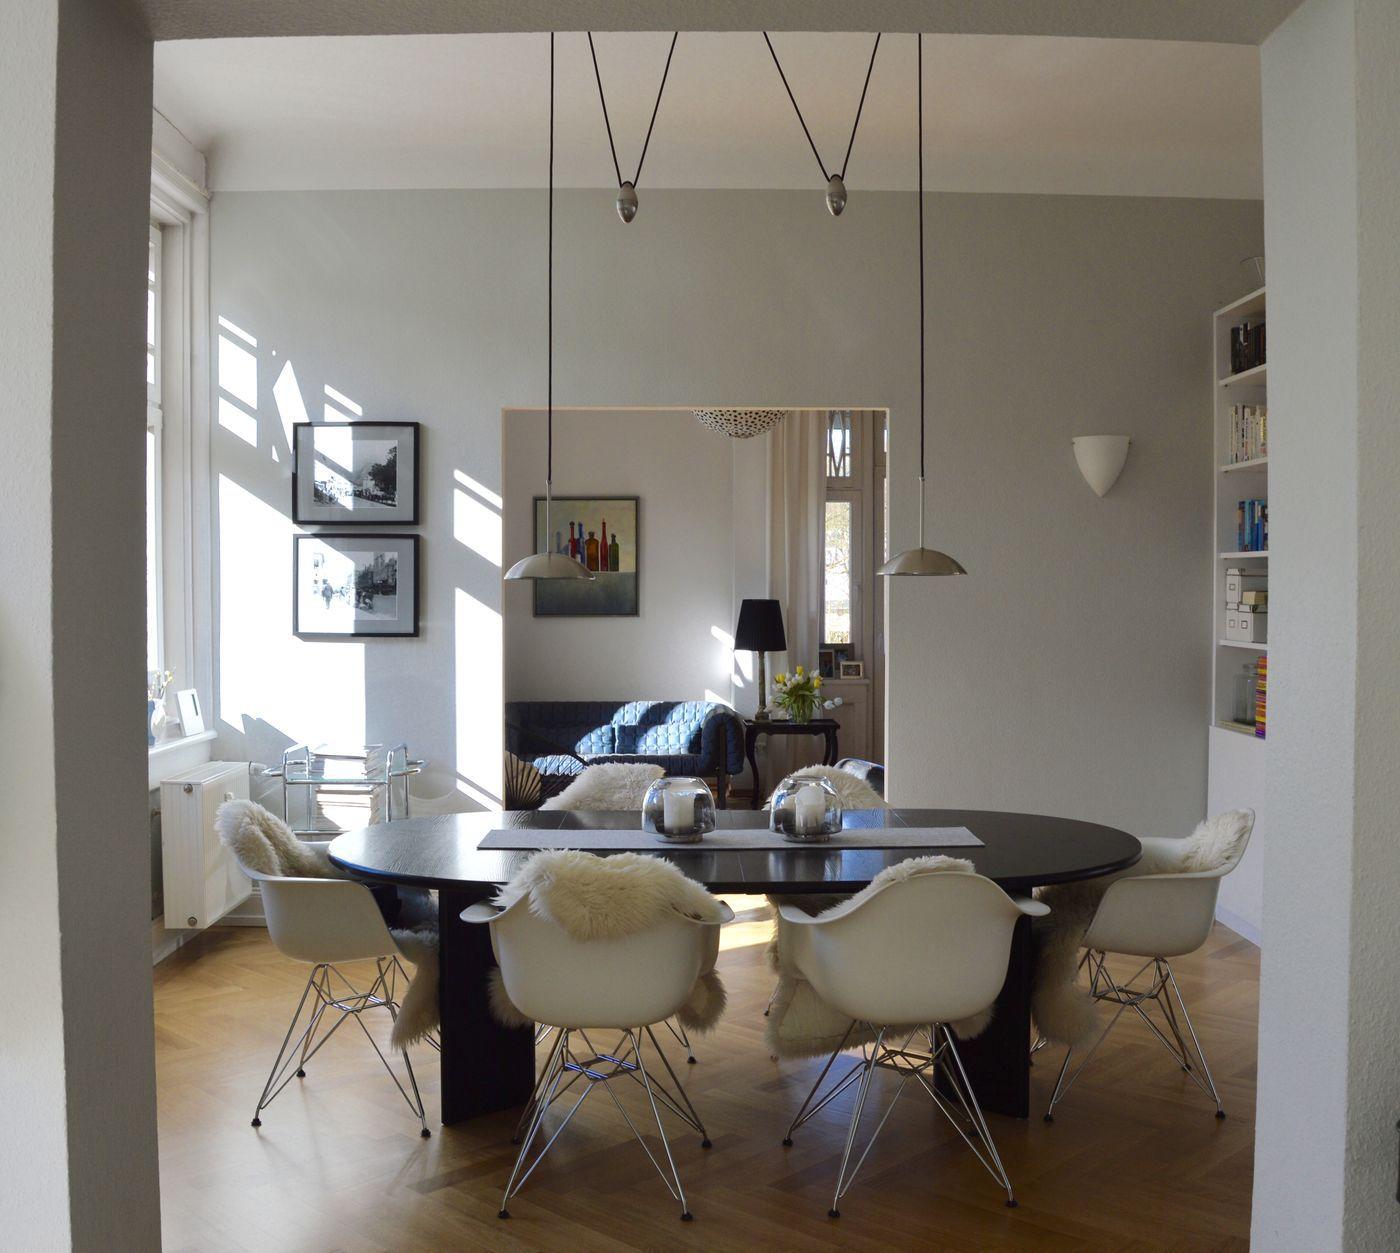 Ziemlich Designer Lieblingsküche Farben Ideen - Küchenschrank Ideen ...